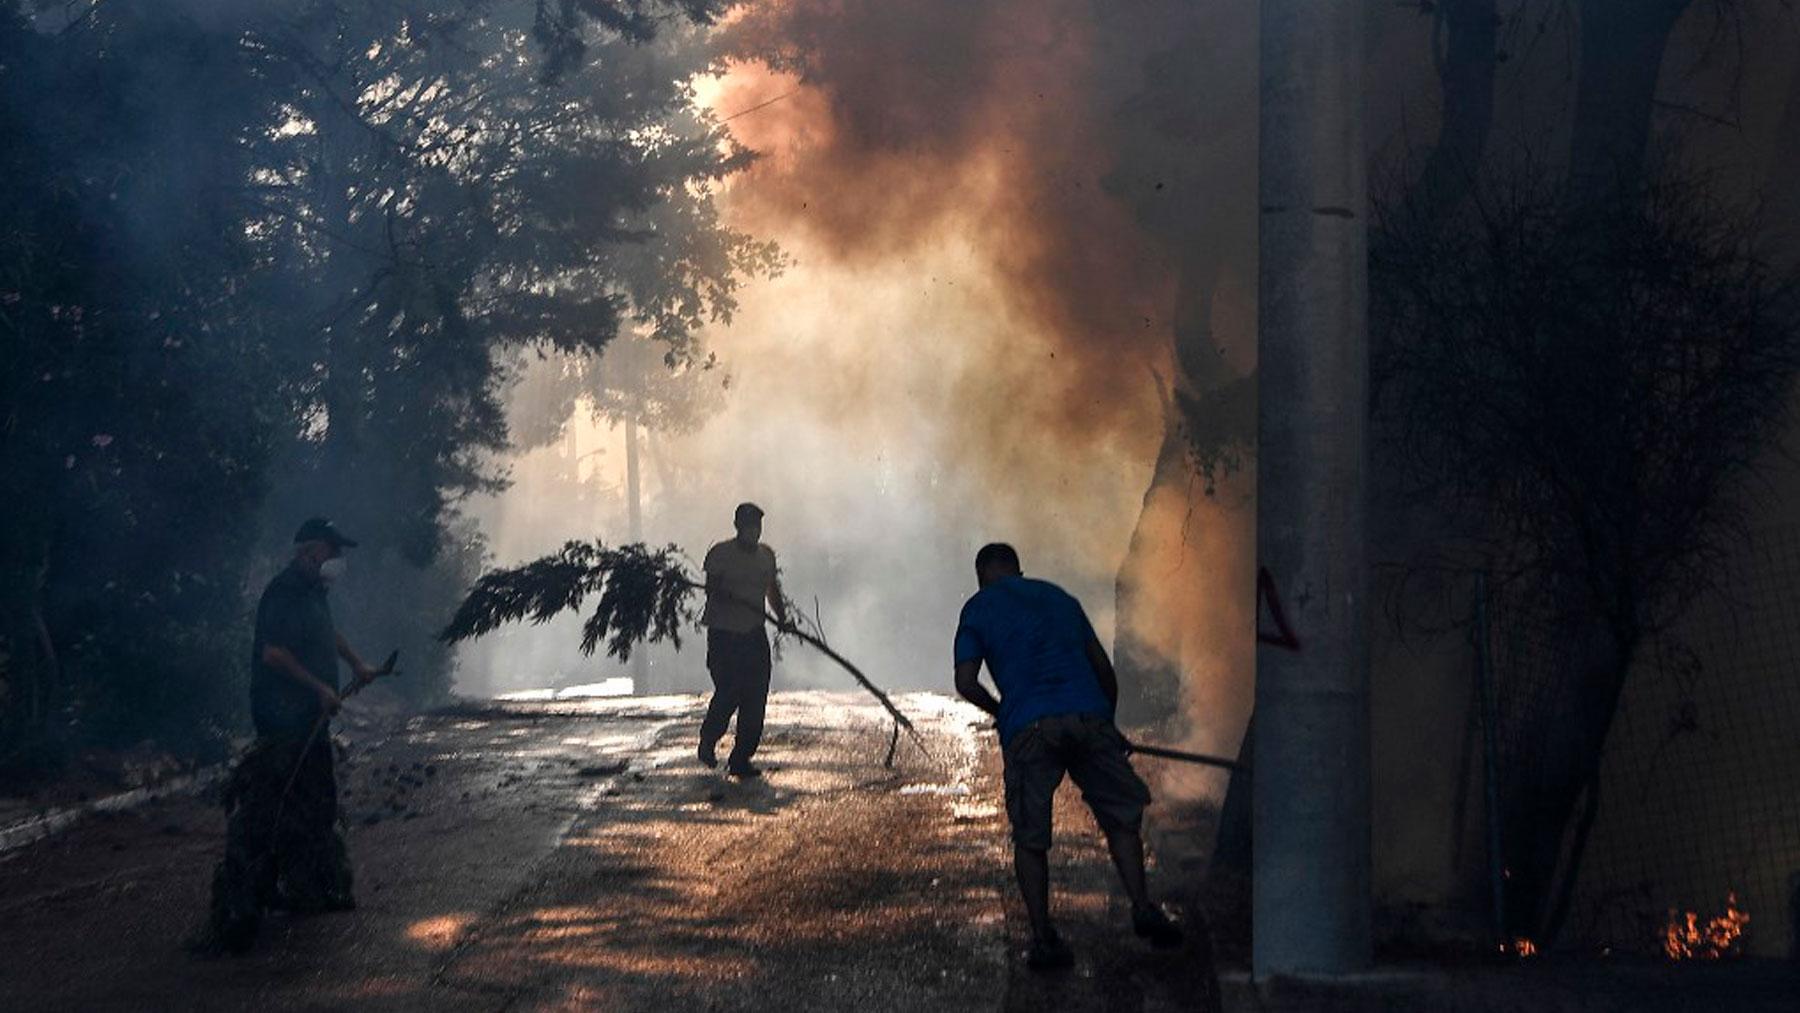 Vecinos de Thrakomakedones, una villa cercana al monte Parnitha, al norte de Atenas, se esfuerzan por apagar los puntos calientes de los incendios. Foto: AFP